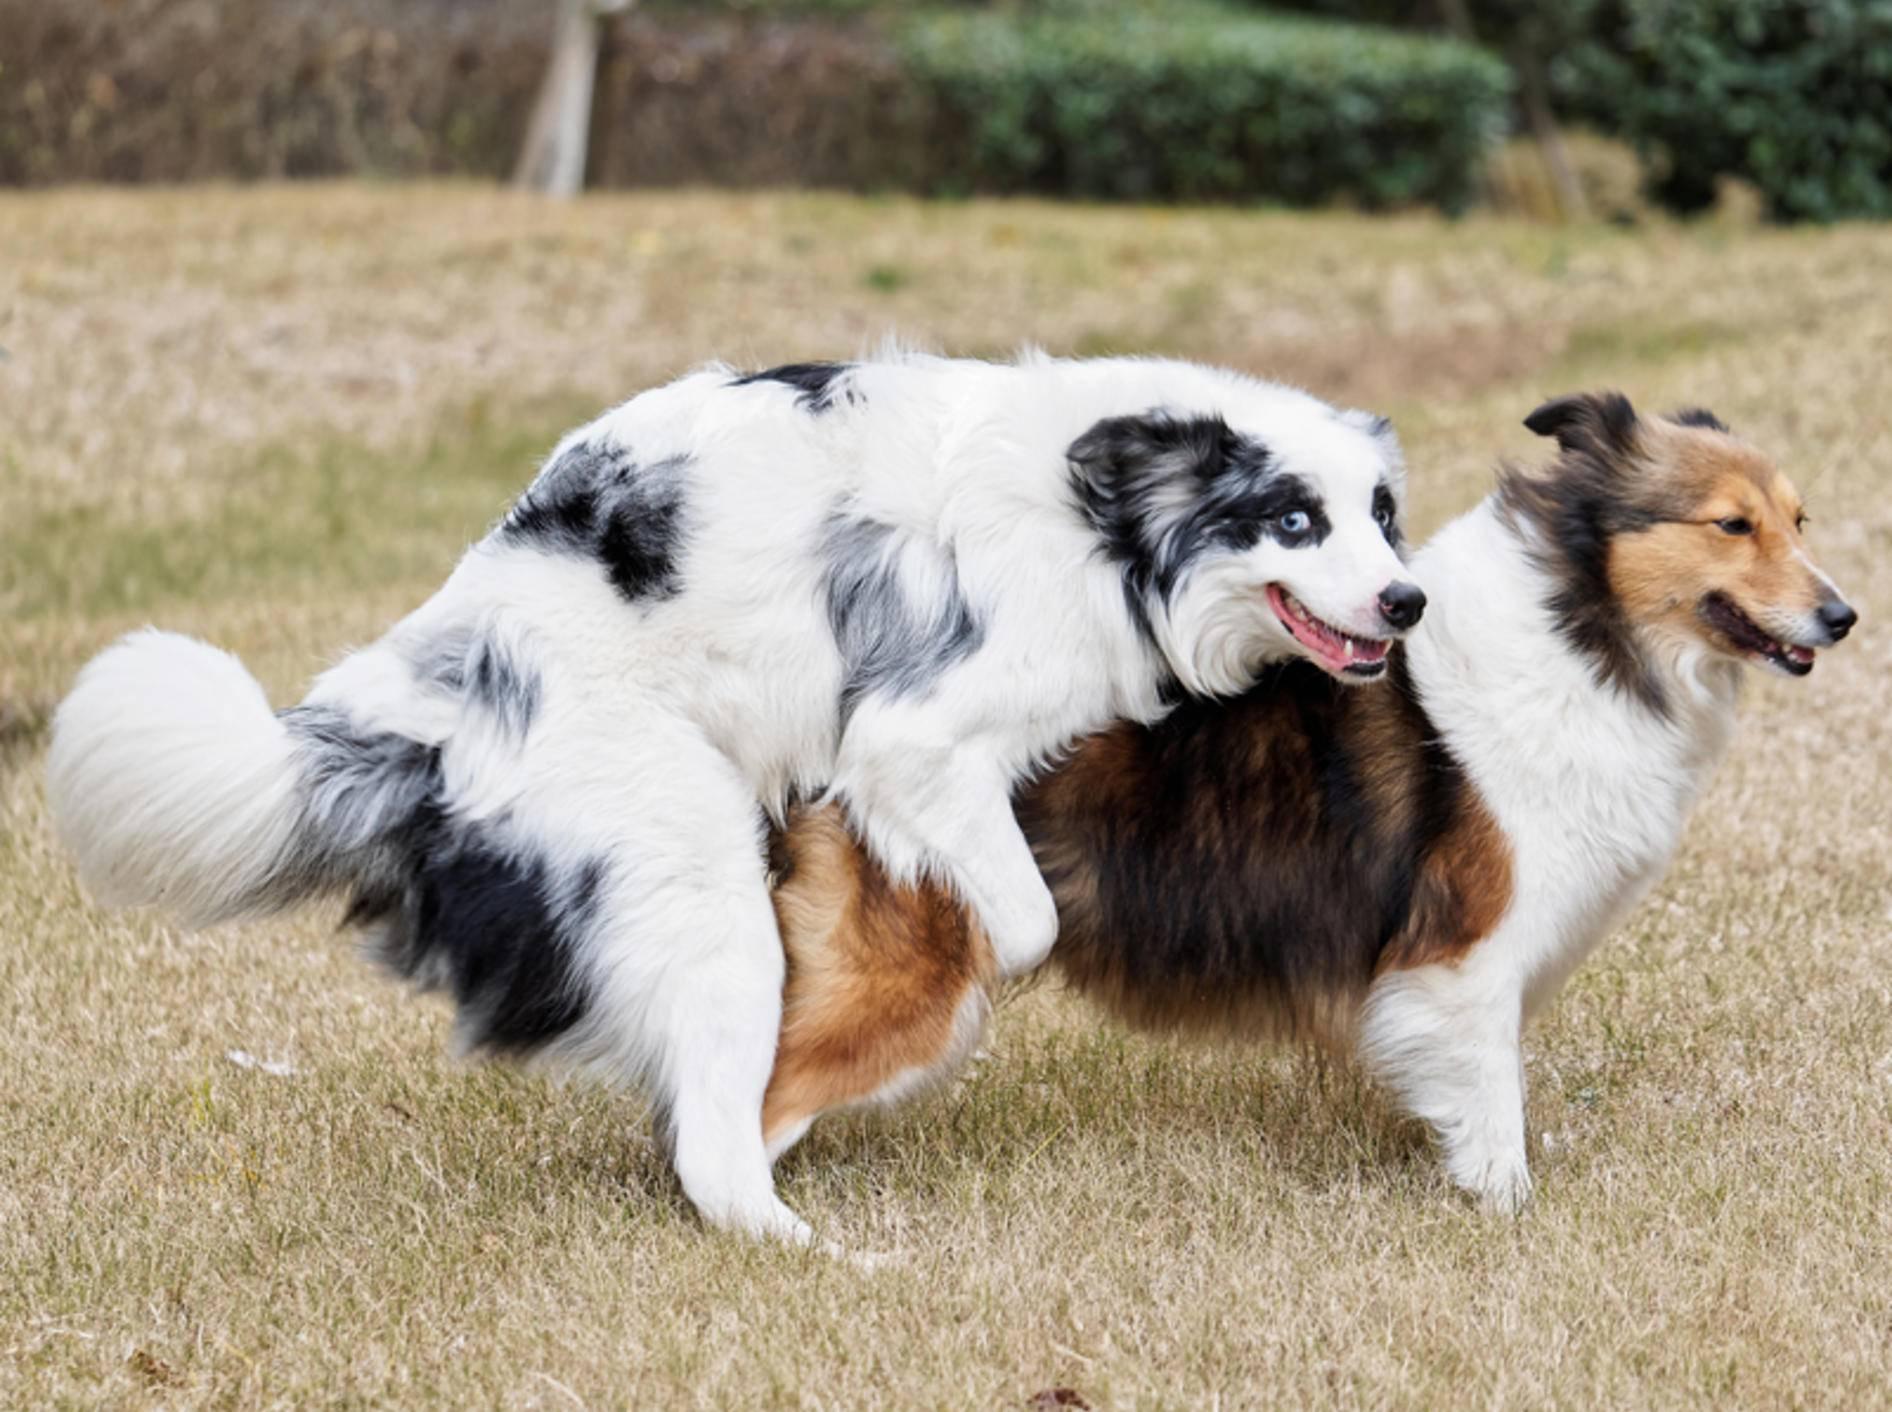 """Zwei Hunde in flagranti beim Deckakt: """"Hey! Nicht gucken! Hier gibt es nichts zu sehen."""" – Shutterstock / atiger"""